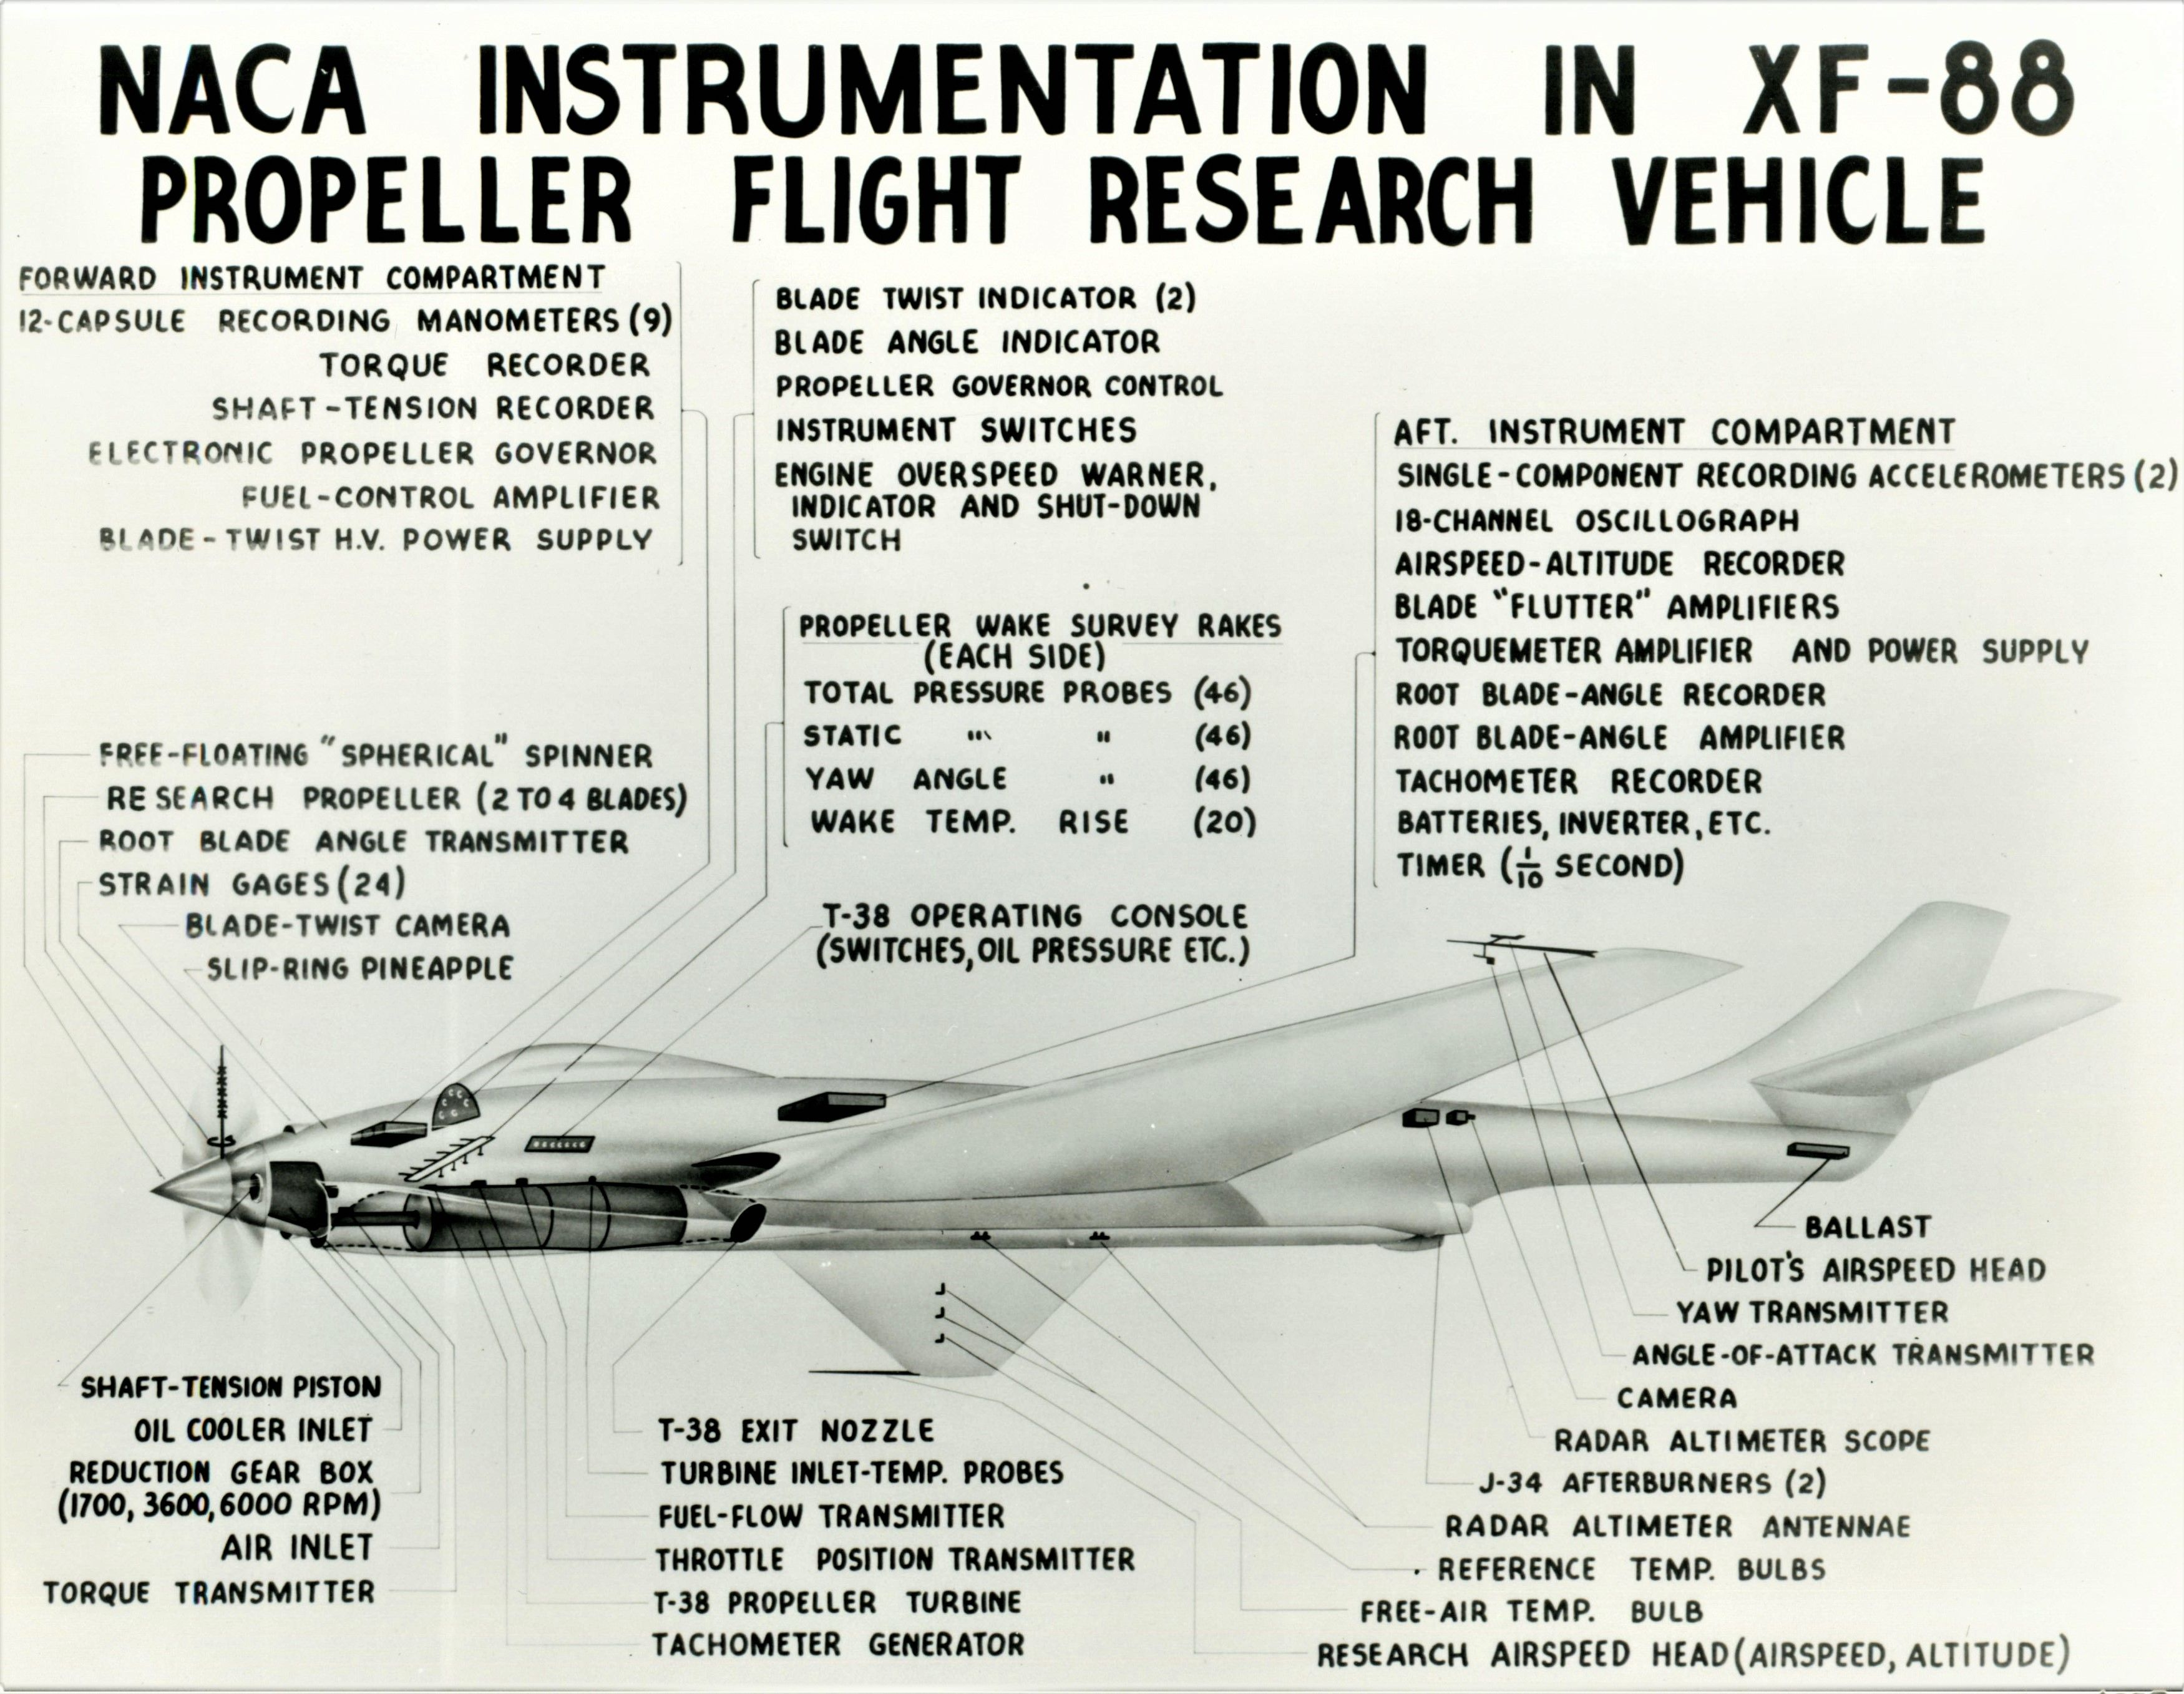 McDonnell XF-88B | Aircraft of World War II - WW2Aircraft net Forums